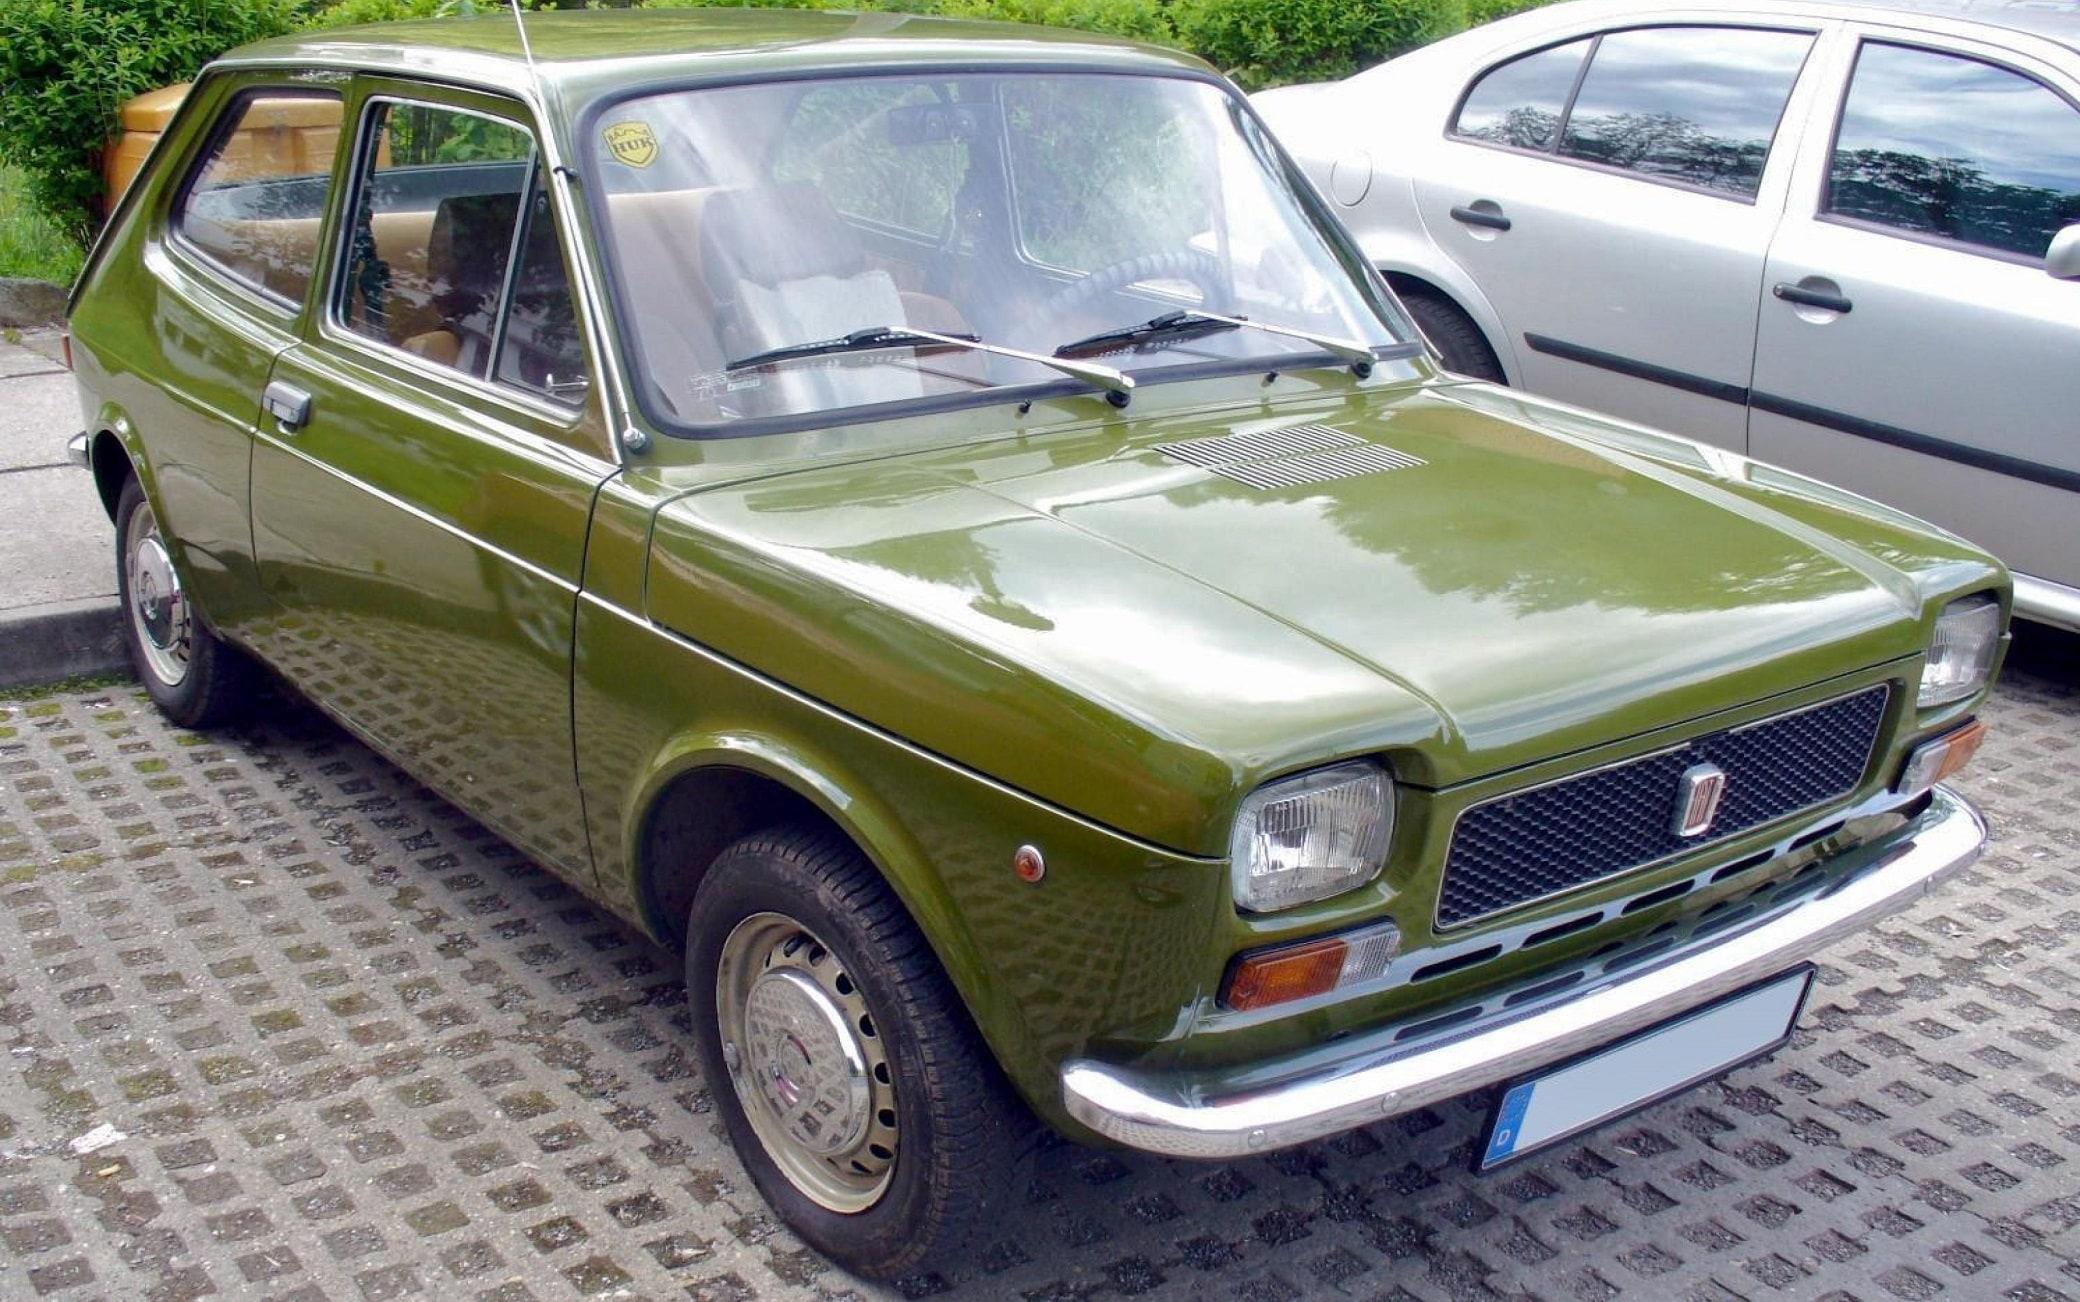 Una Fiat 127,  l'automobile spaziosa dentro e piccola fuori, brillante e sportiva, rimasta in produzione nelle molteplici versioni per 16 anni. La 127, prodotta in oltre cinque milioni di esemplari, ha rappresentato nella storia della Fiat una tra le vetture di maggiore successo, 17 giugno 2021.